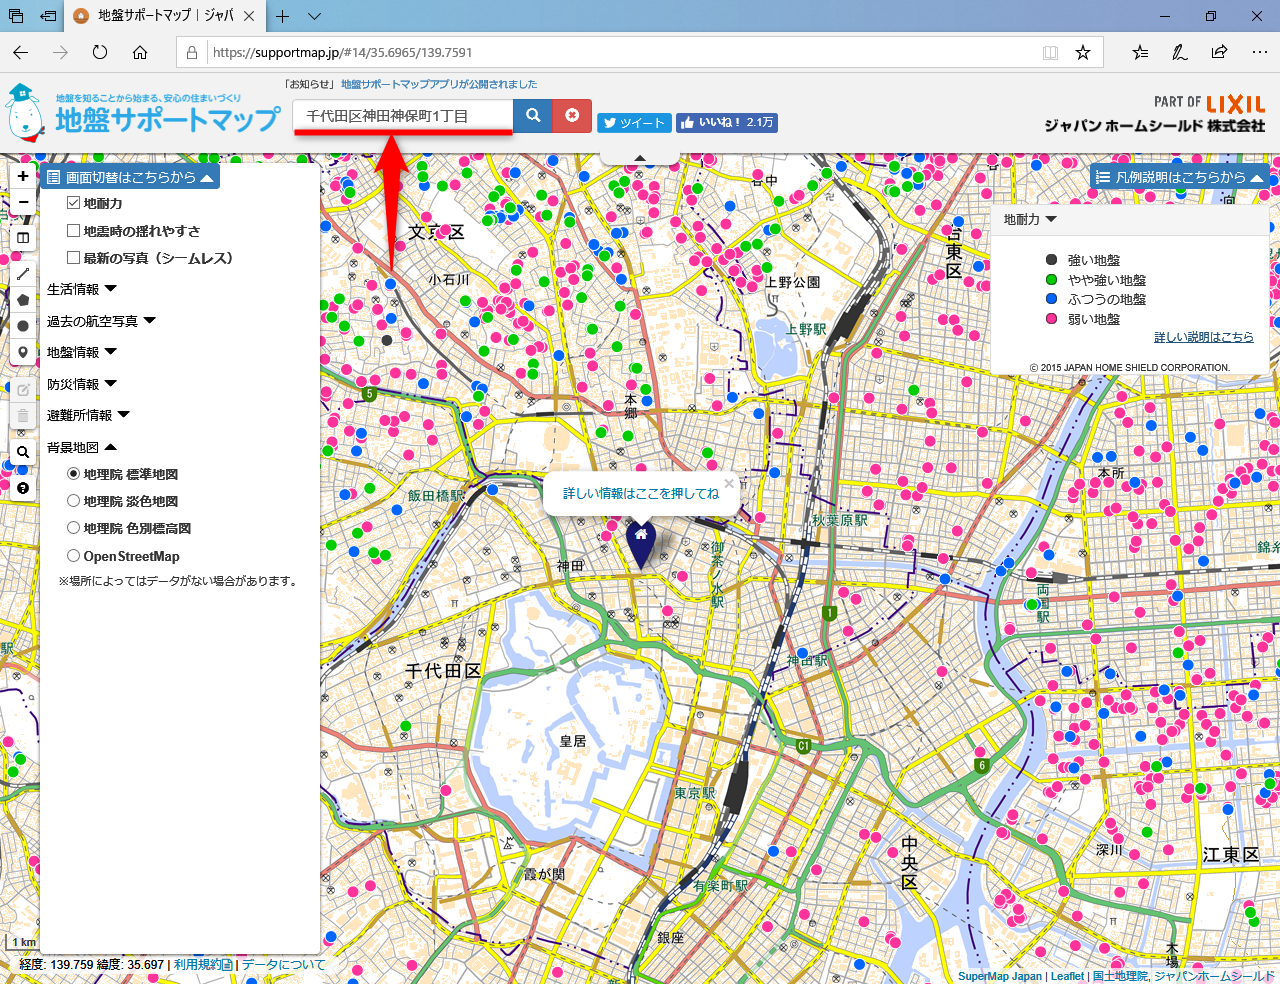 地盤について調べるなら「地盤サポートマップ」が便利。生活情報も確認できる